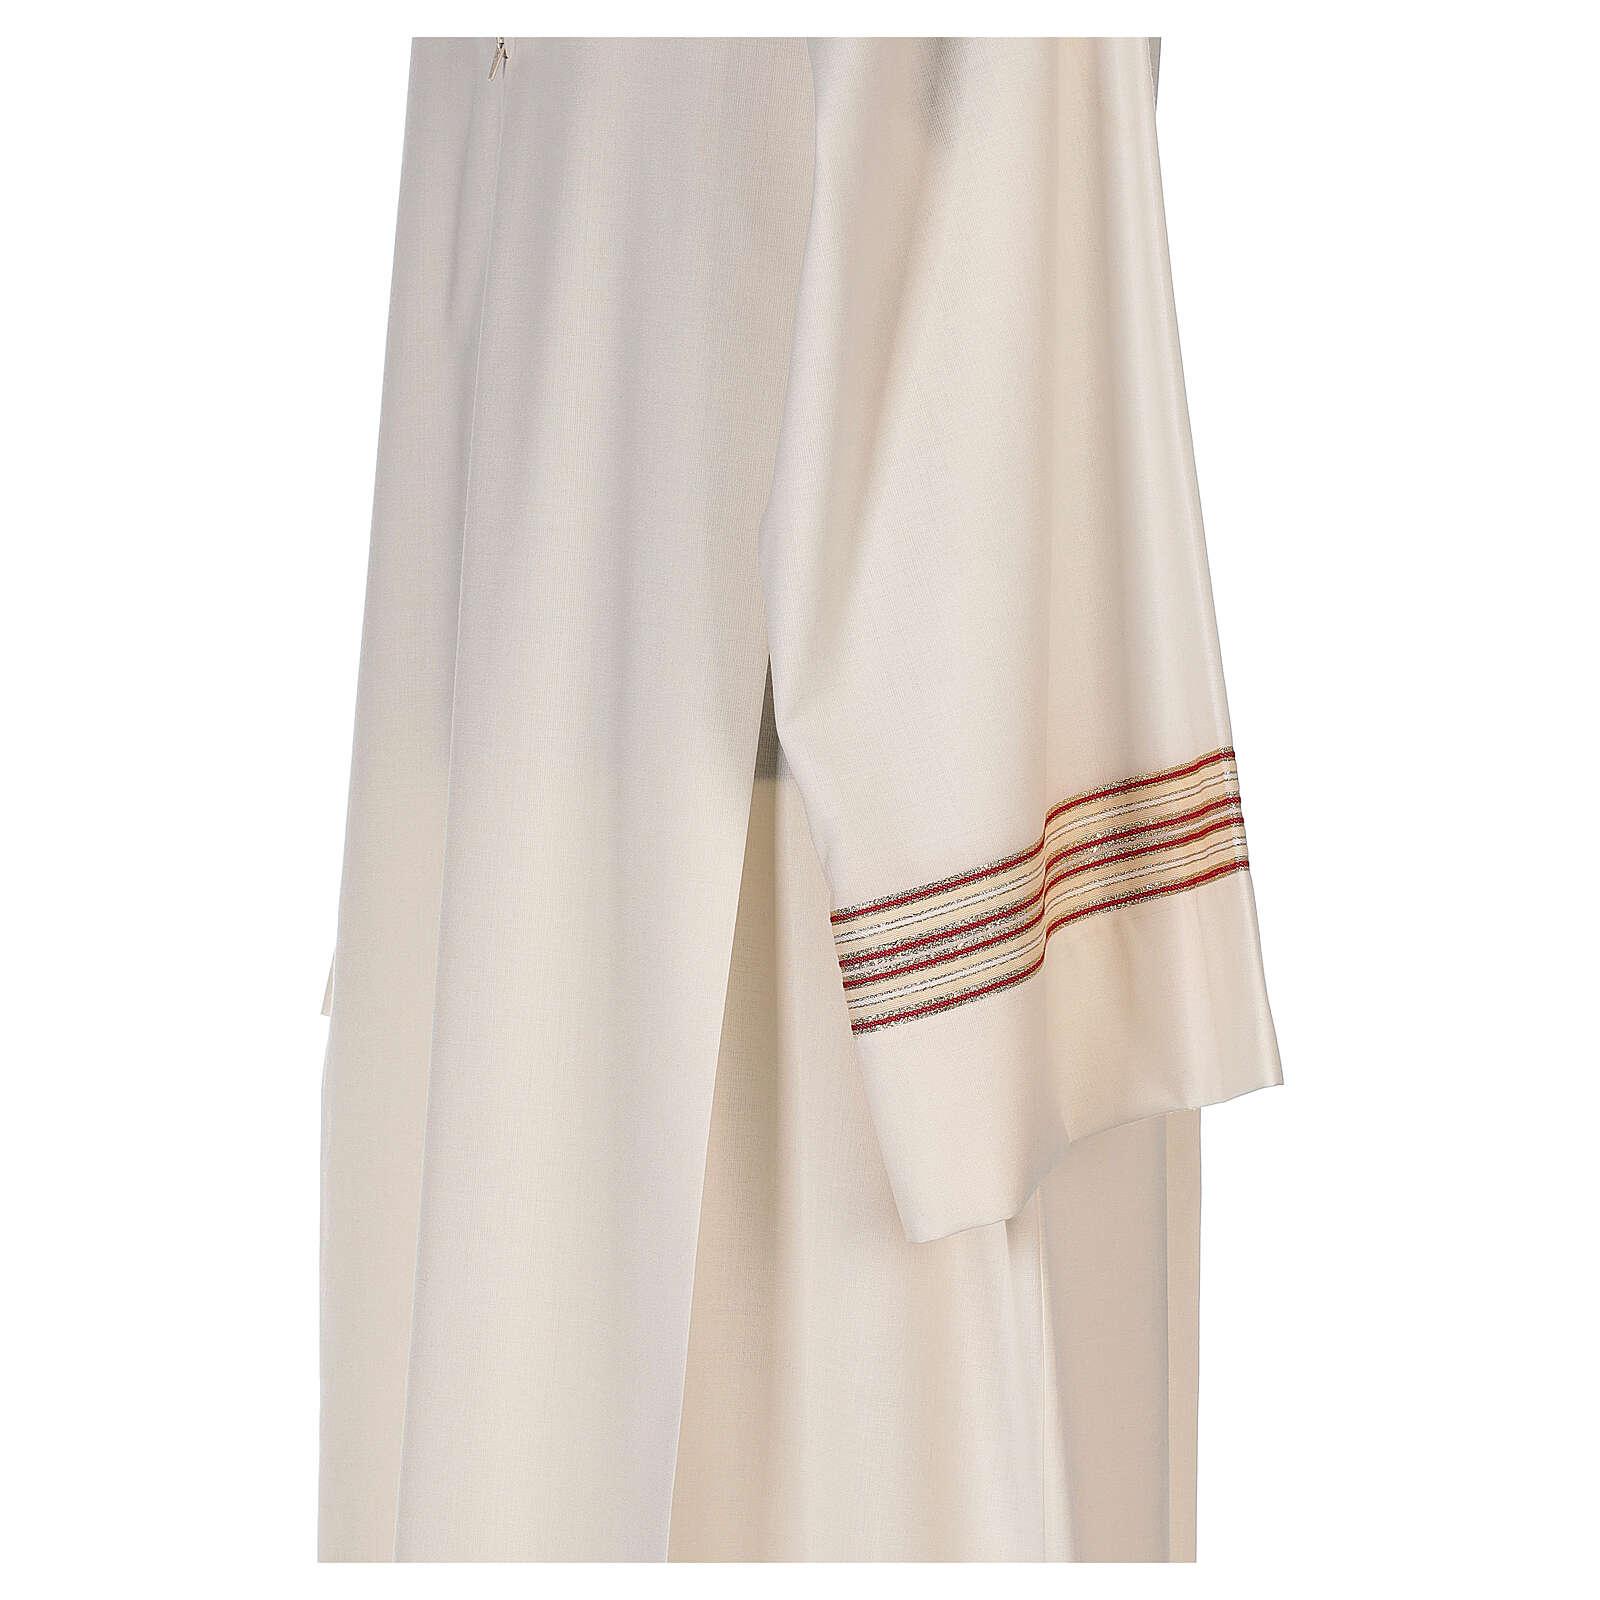 Camice 55% poliestere 45% lana righe oro rosse 4